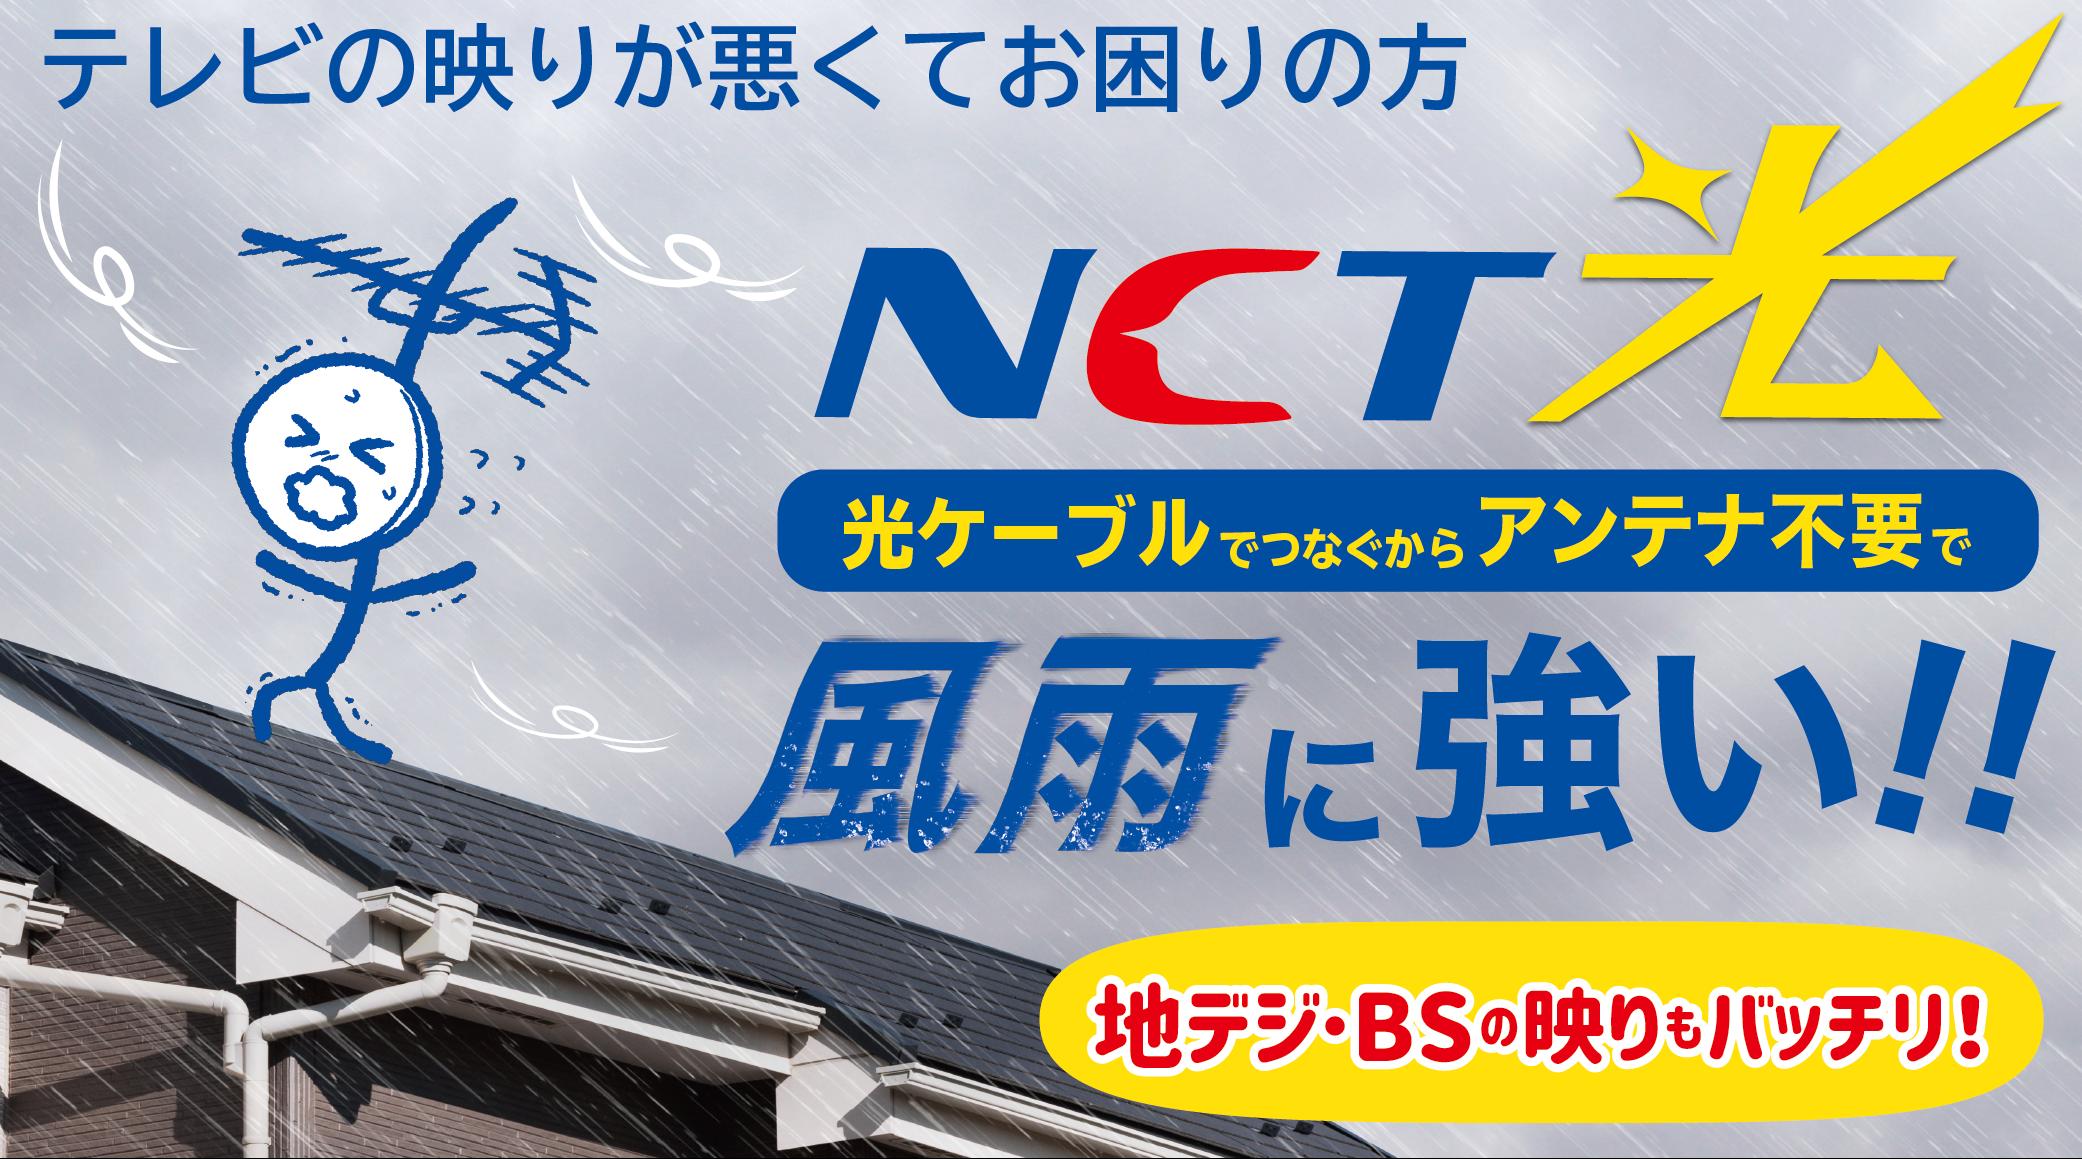 200601~NCT様